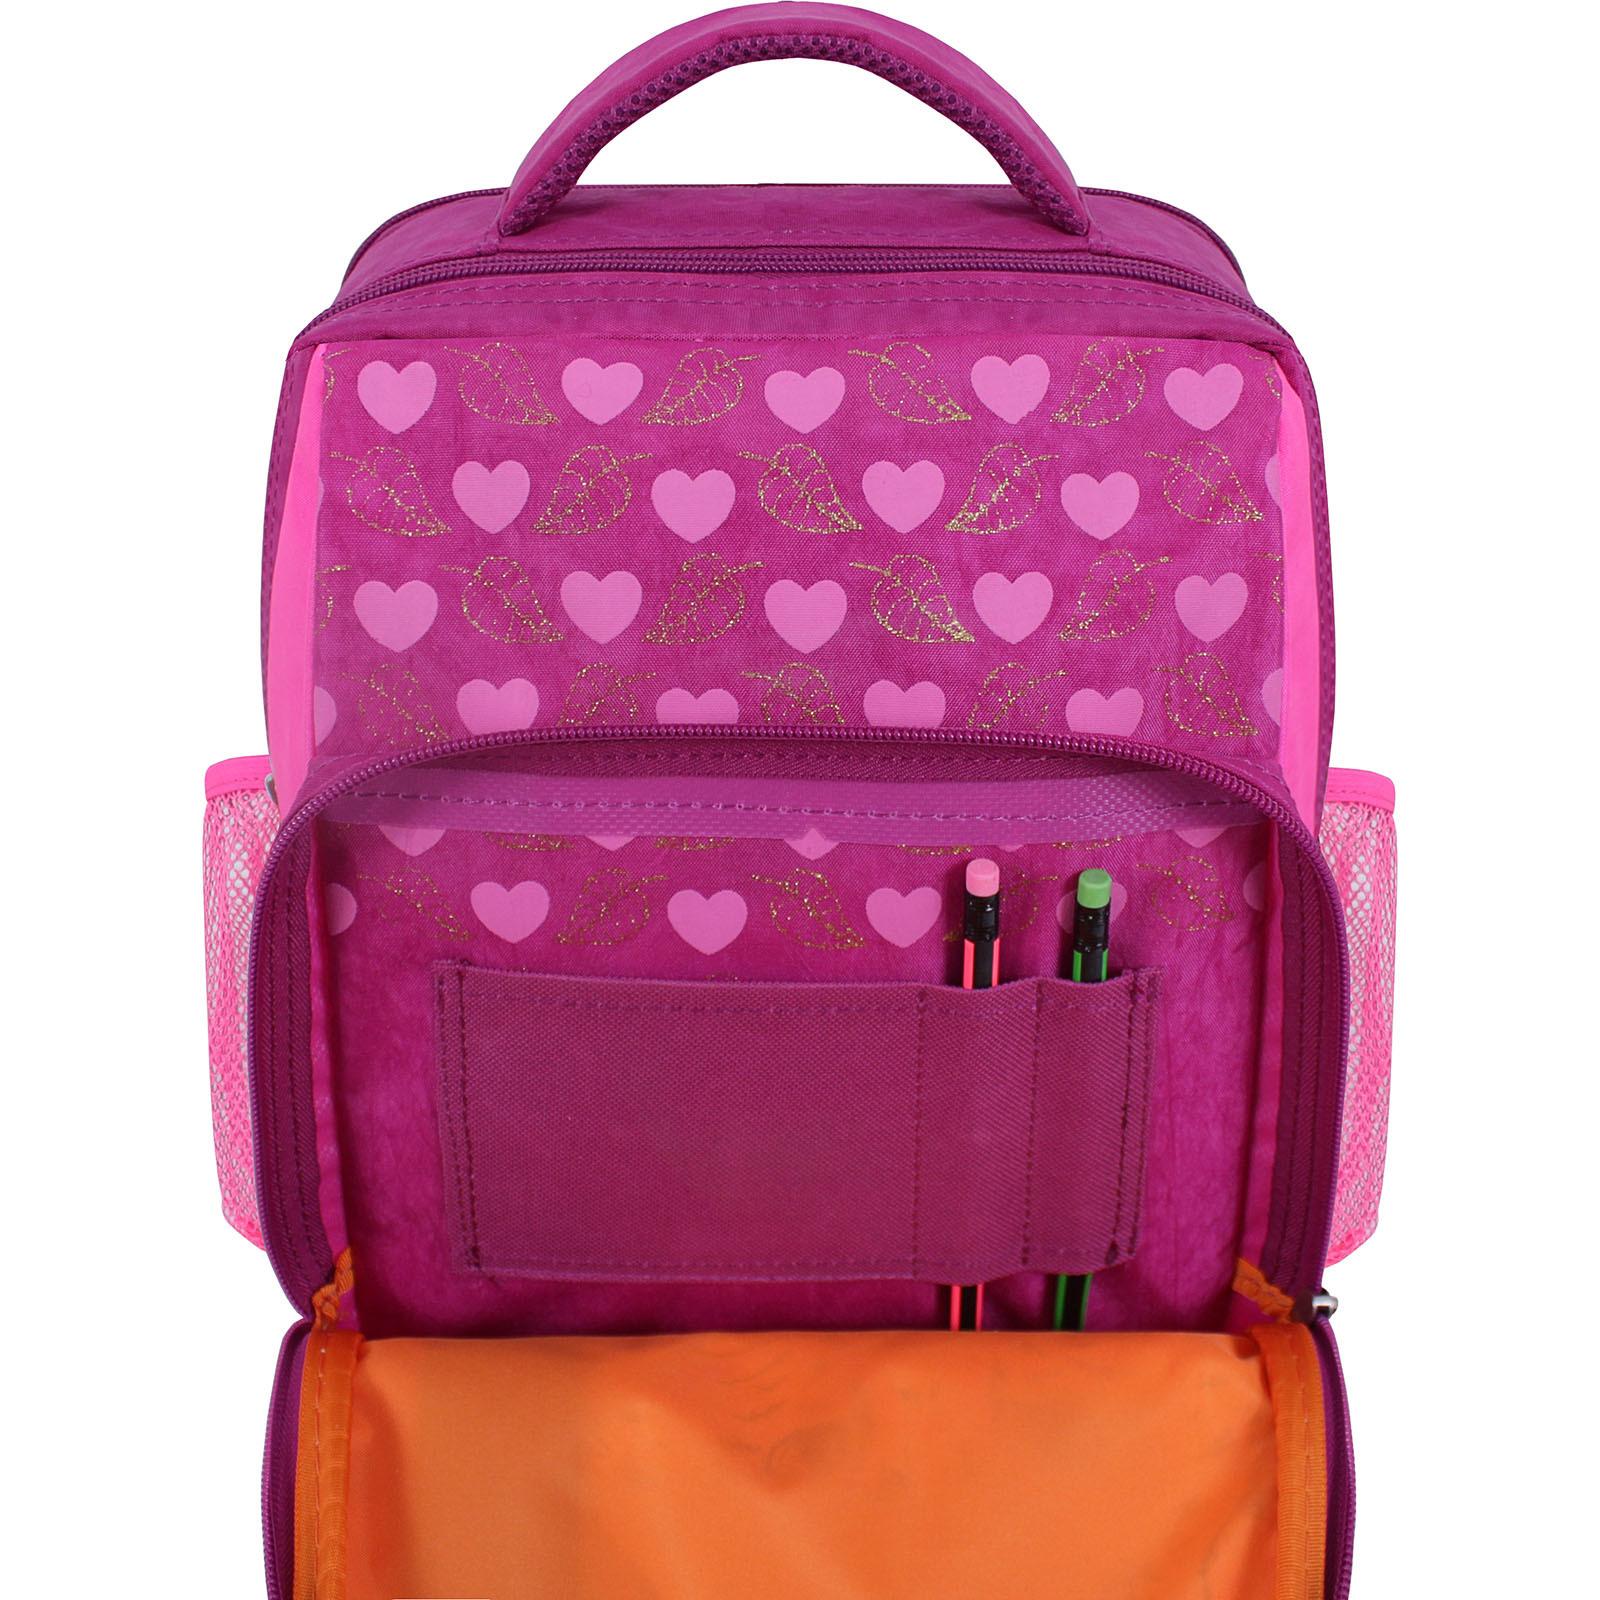 Рюкзак школьный Bagland Школьник 8 л. 143 малиновый 512 (0012870) фото 4